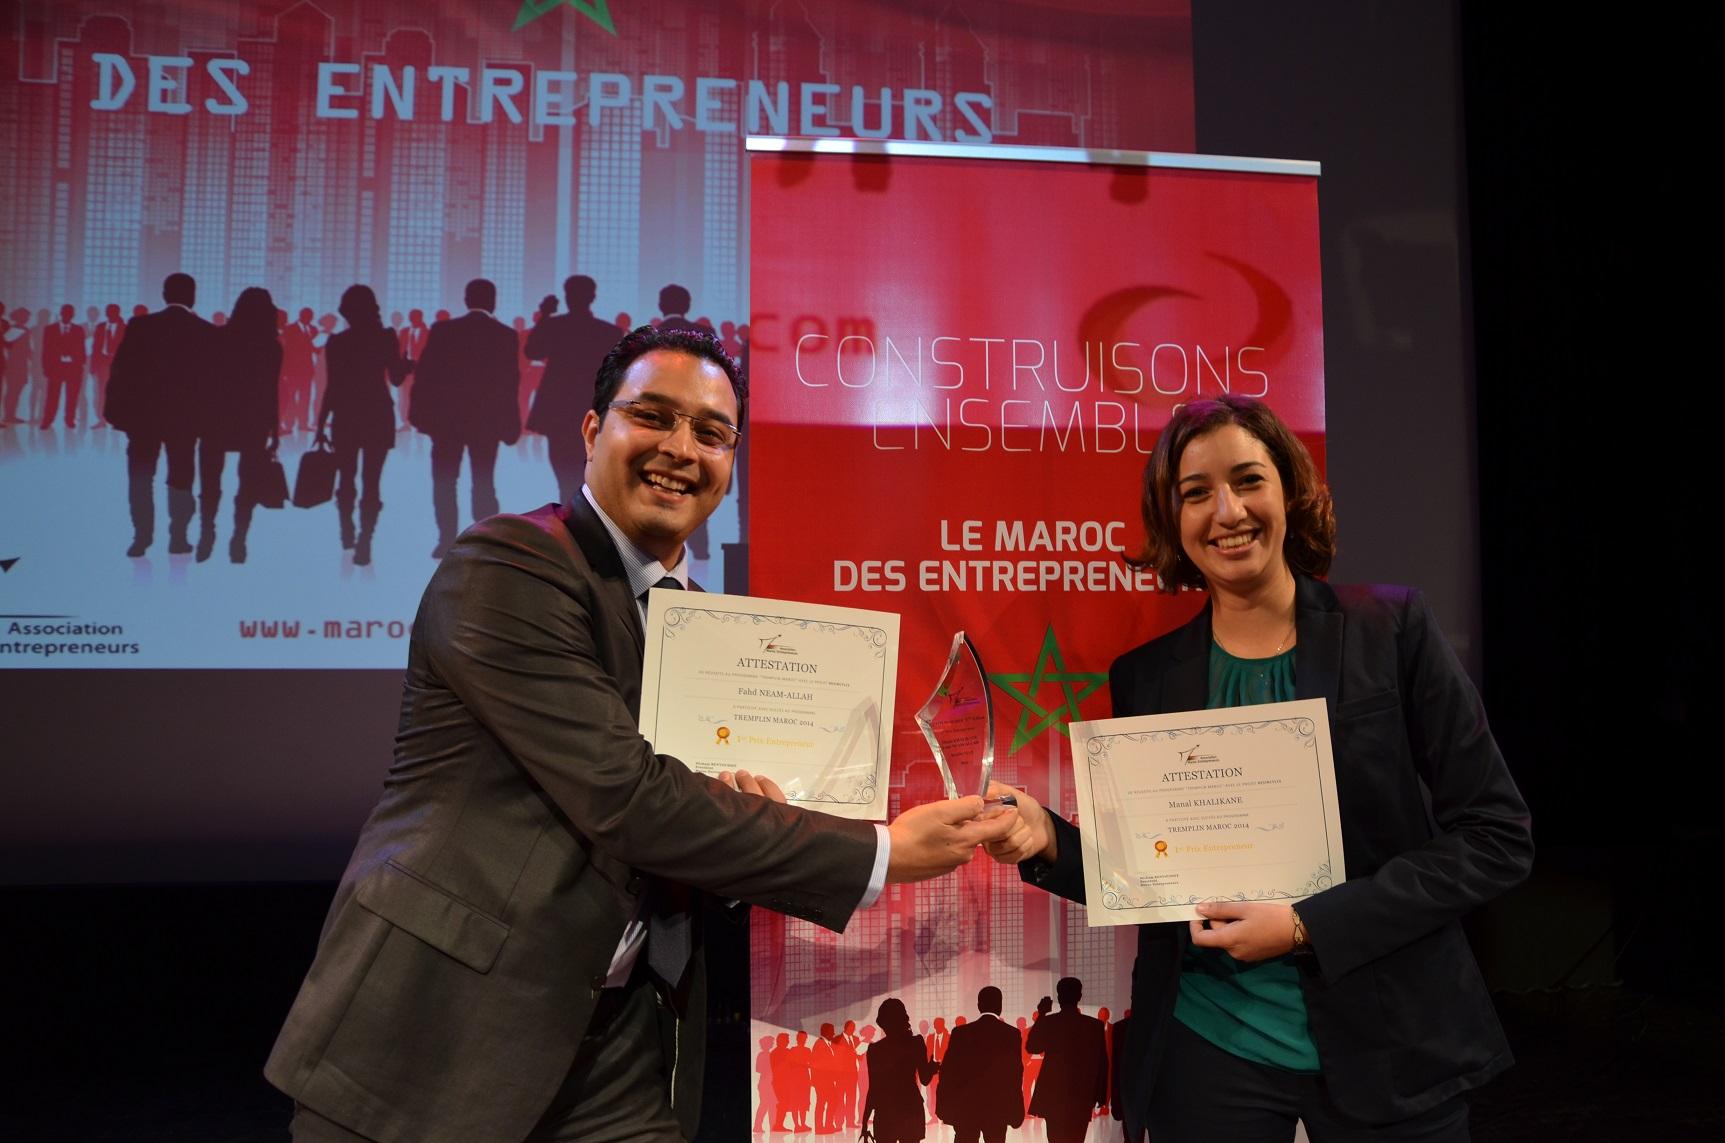 Remise du 1er Prix Entrepreneur de l'édition 2014 du concours Tremplin Maroc